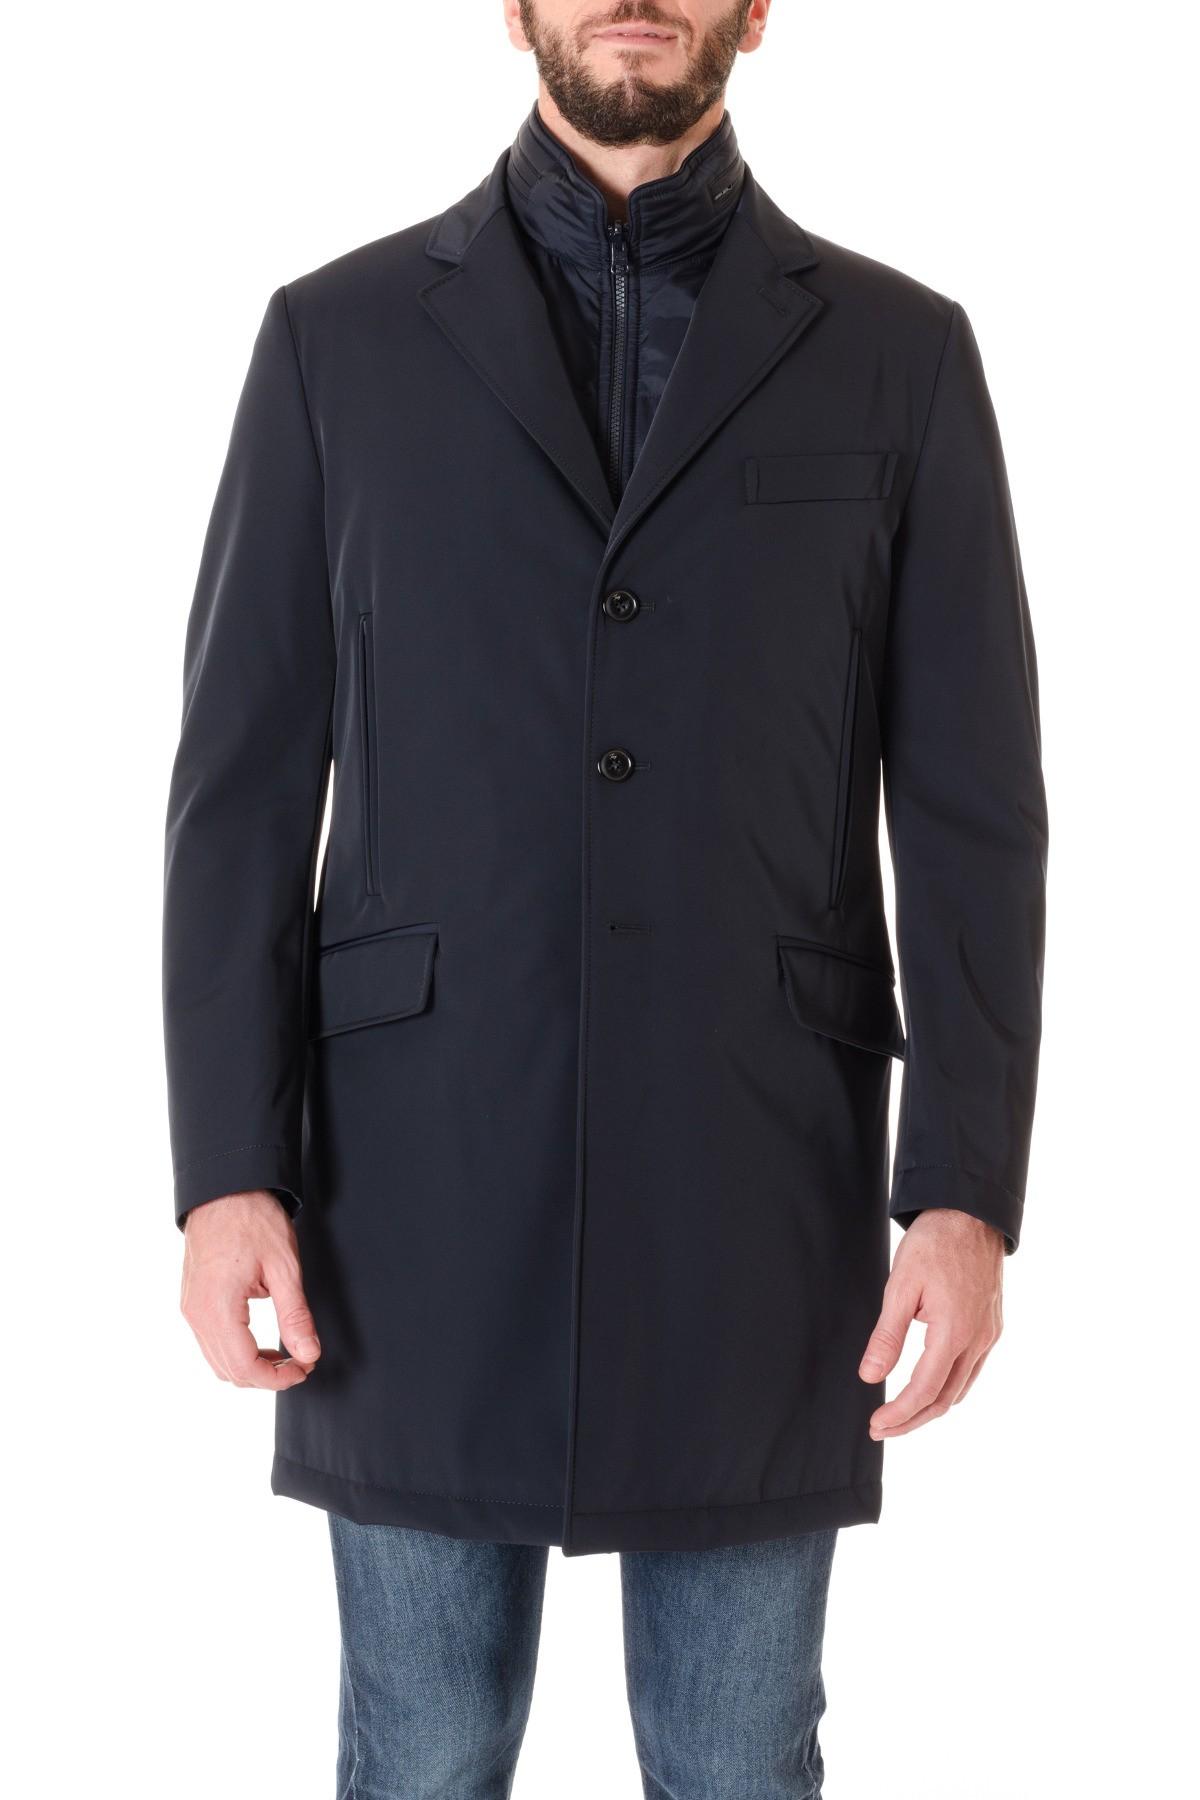 ad10f133e8872 FAY A I Double Coat per uomo blu scuro in TESSUTO TECNICO - Rione ...